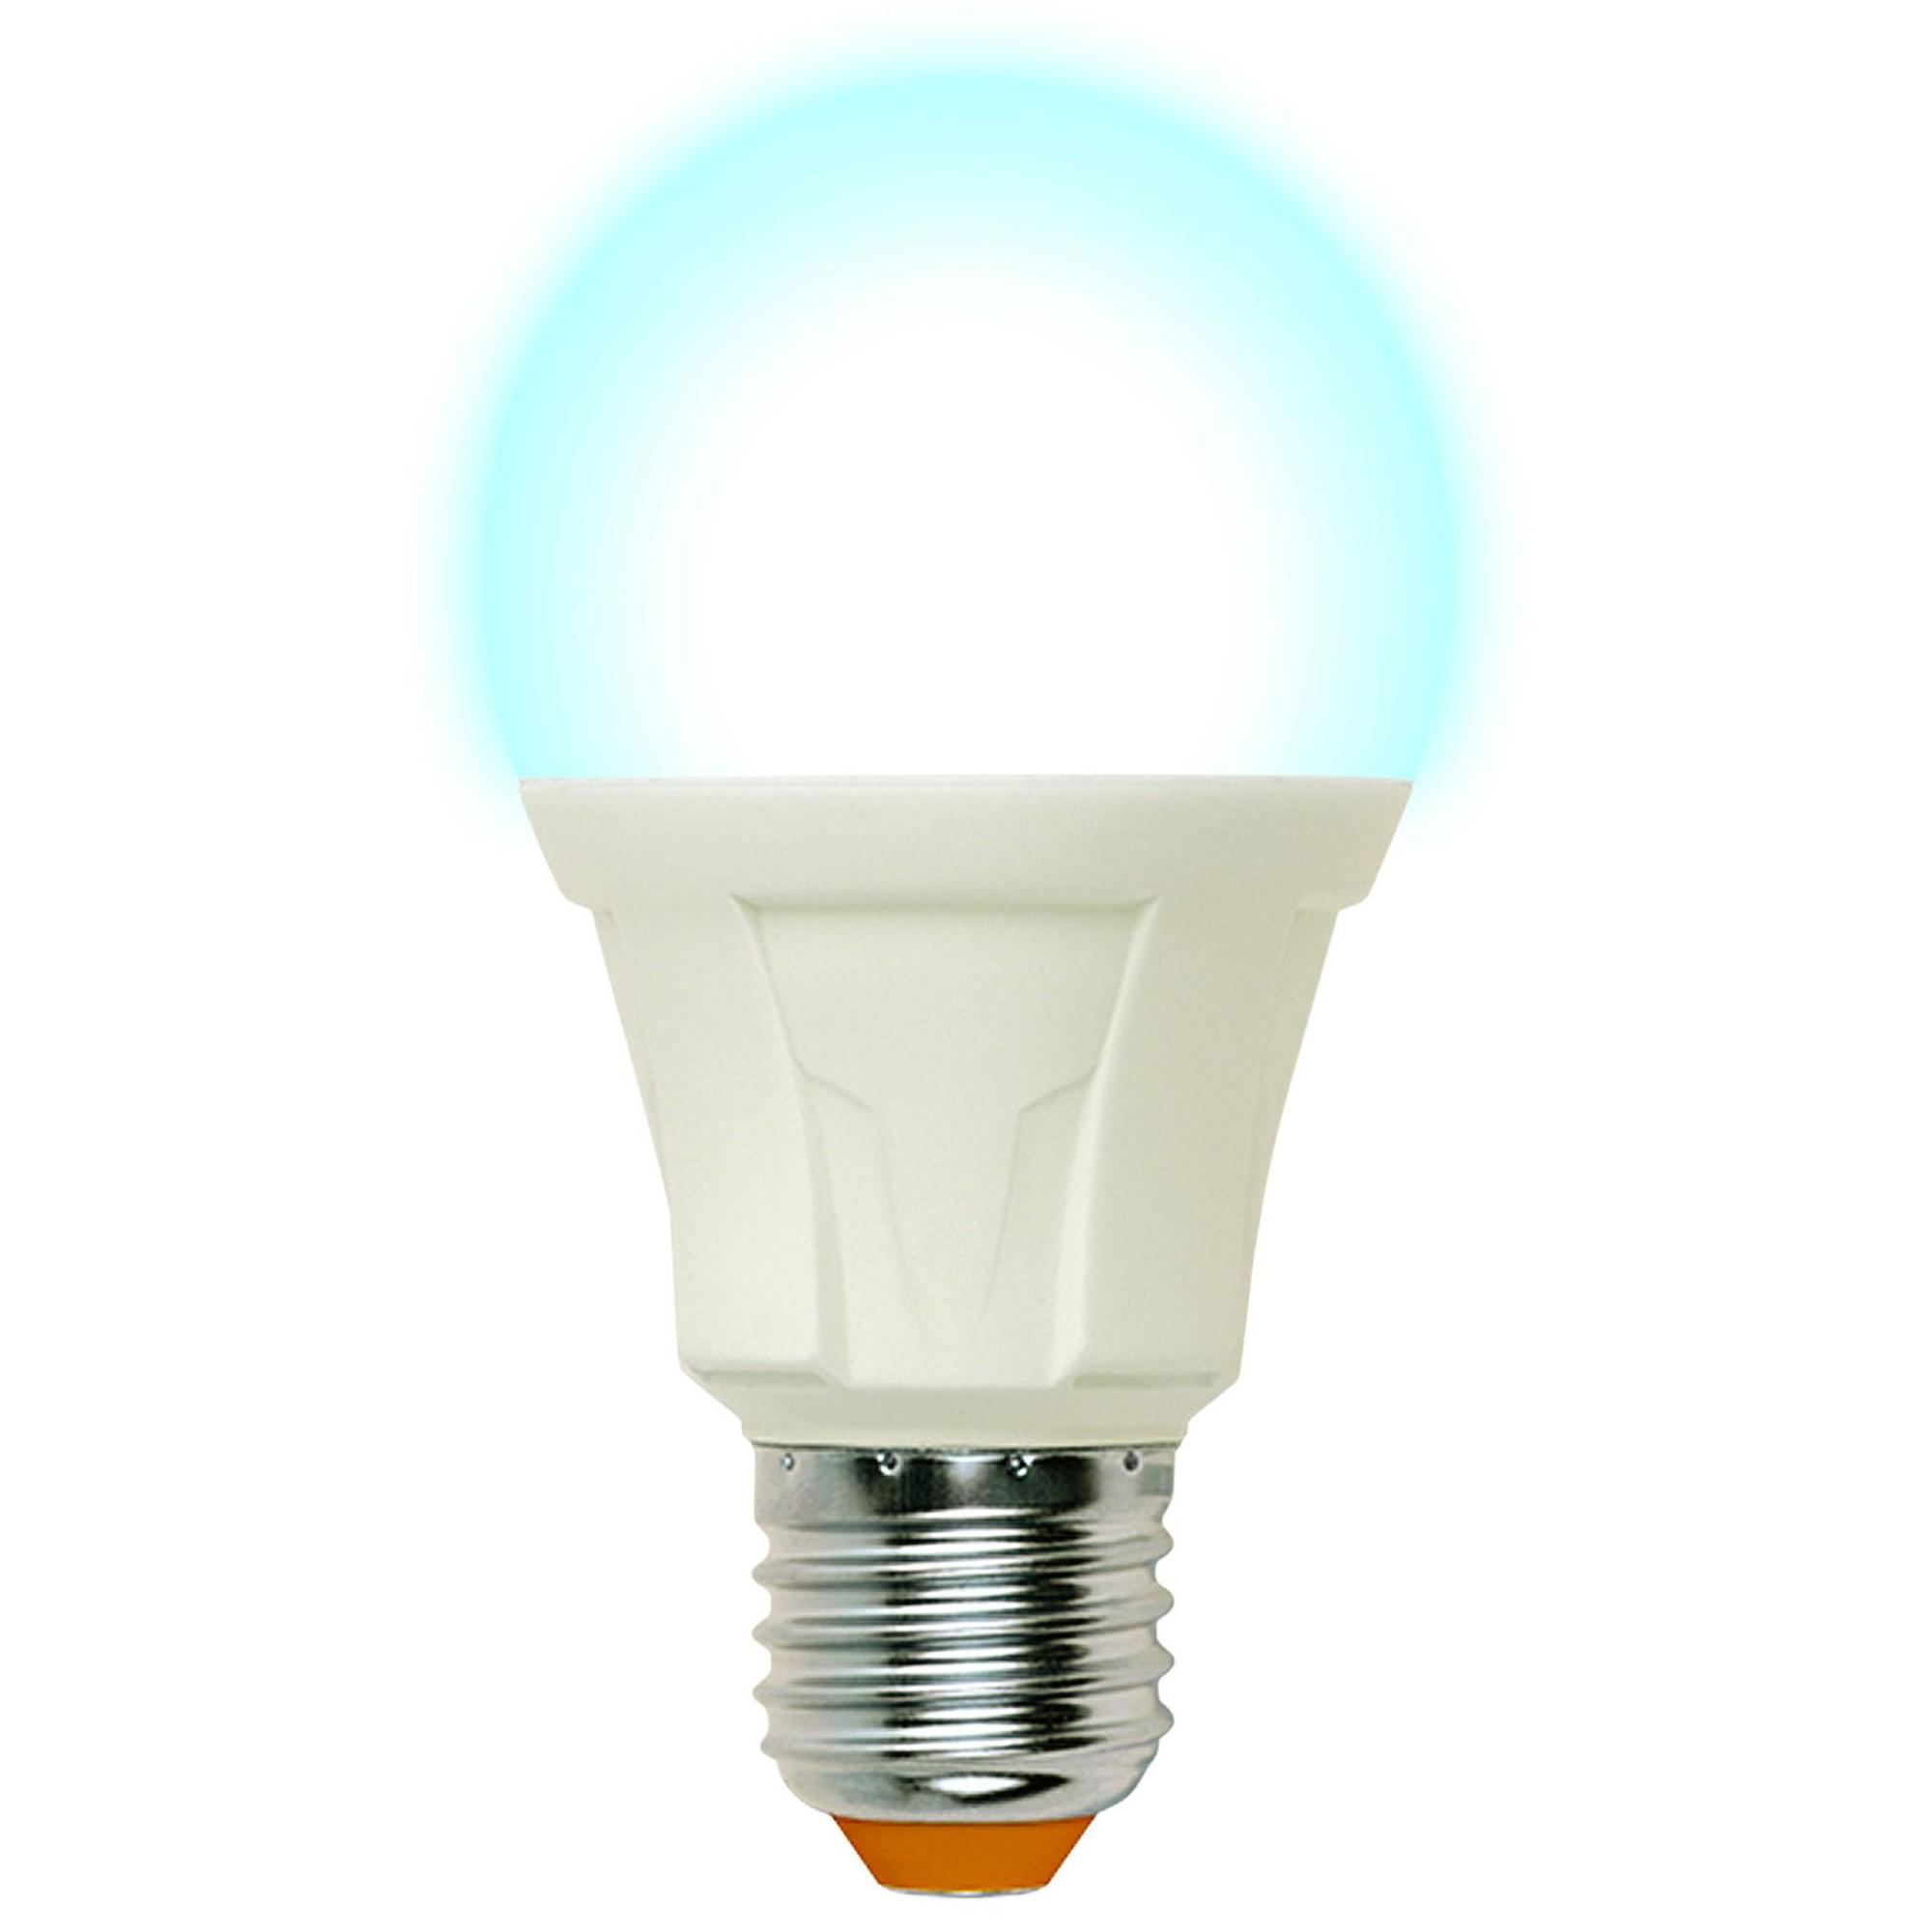 Лампа светодиодная Uniel Яркая E27 груша 1280 Лм 16 Вт теплый белый (желтый)